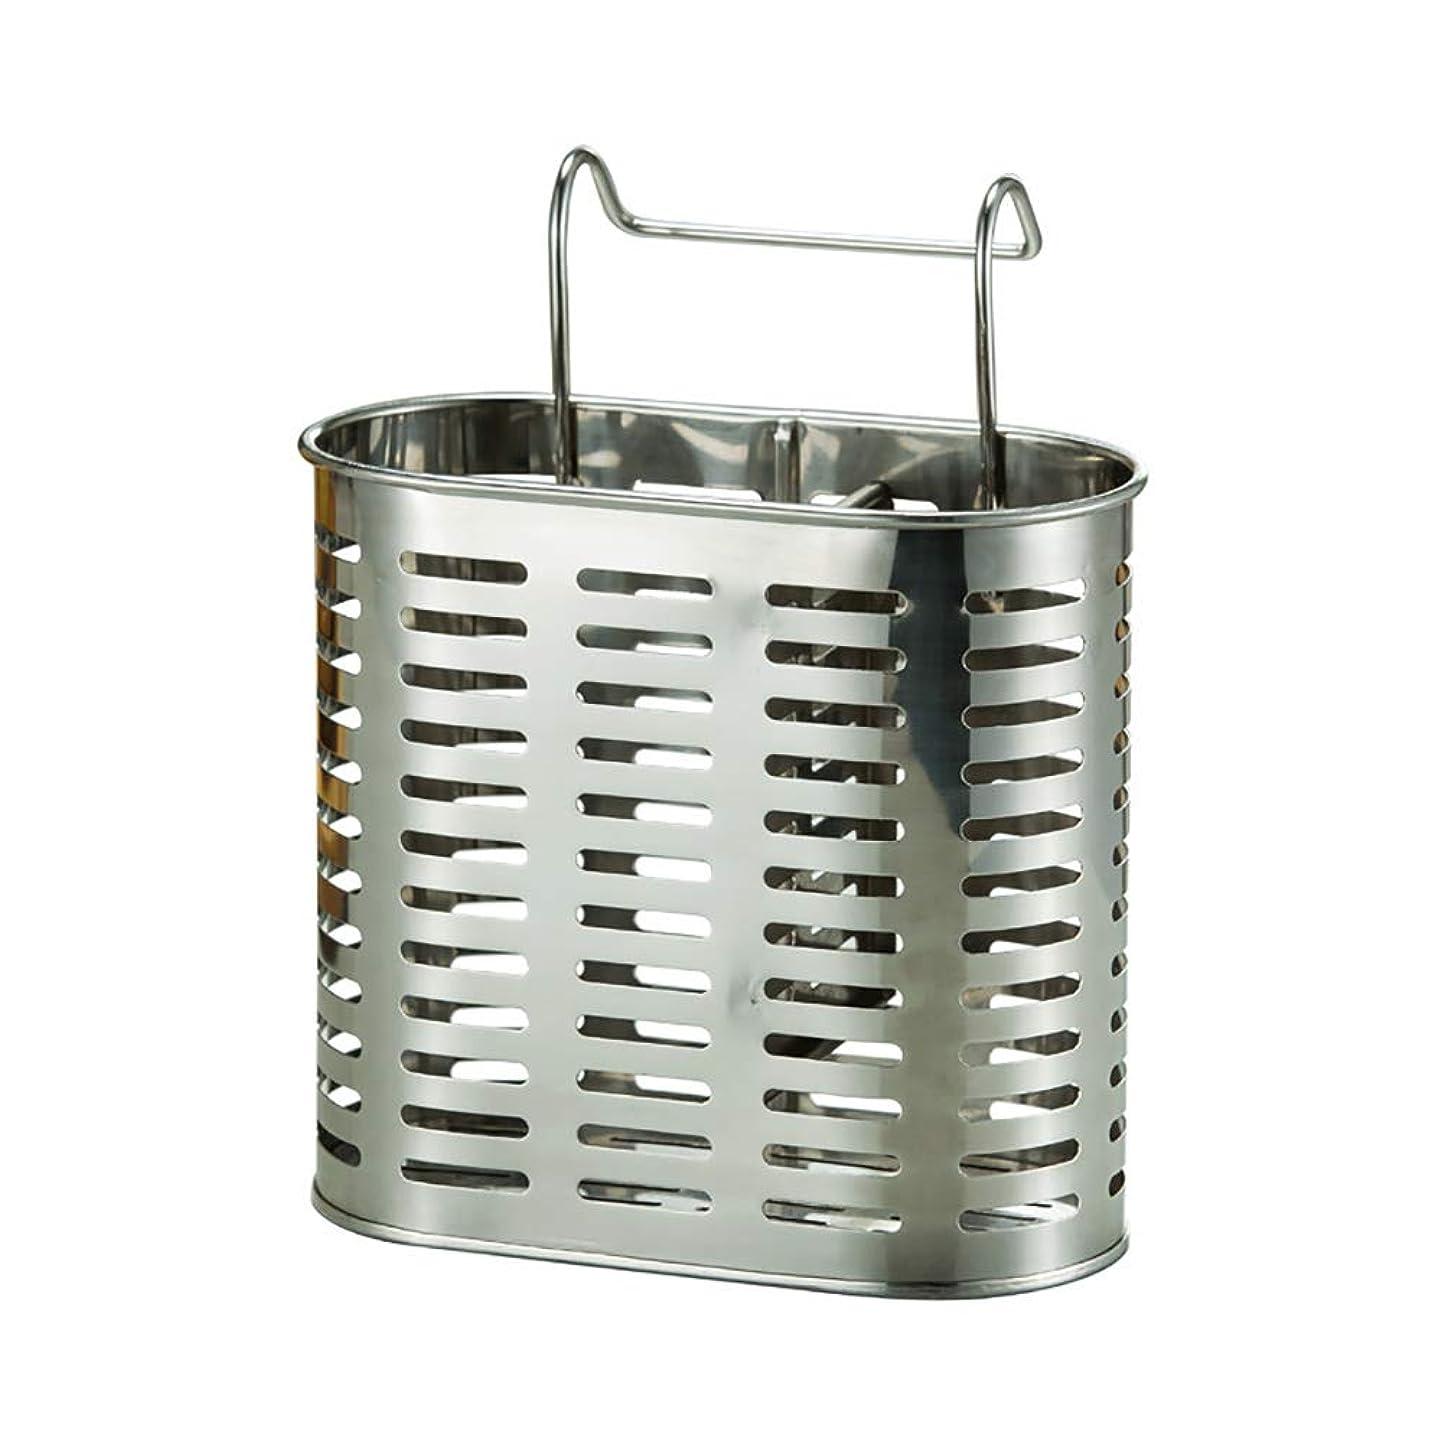 被害者聖職者本JUEJI キッチン収納 箸立て スプーン入れ 食器 水切りポケット ステンレス製 ケット 大容量 箸たて